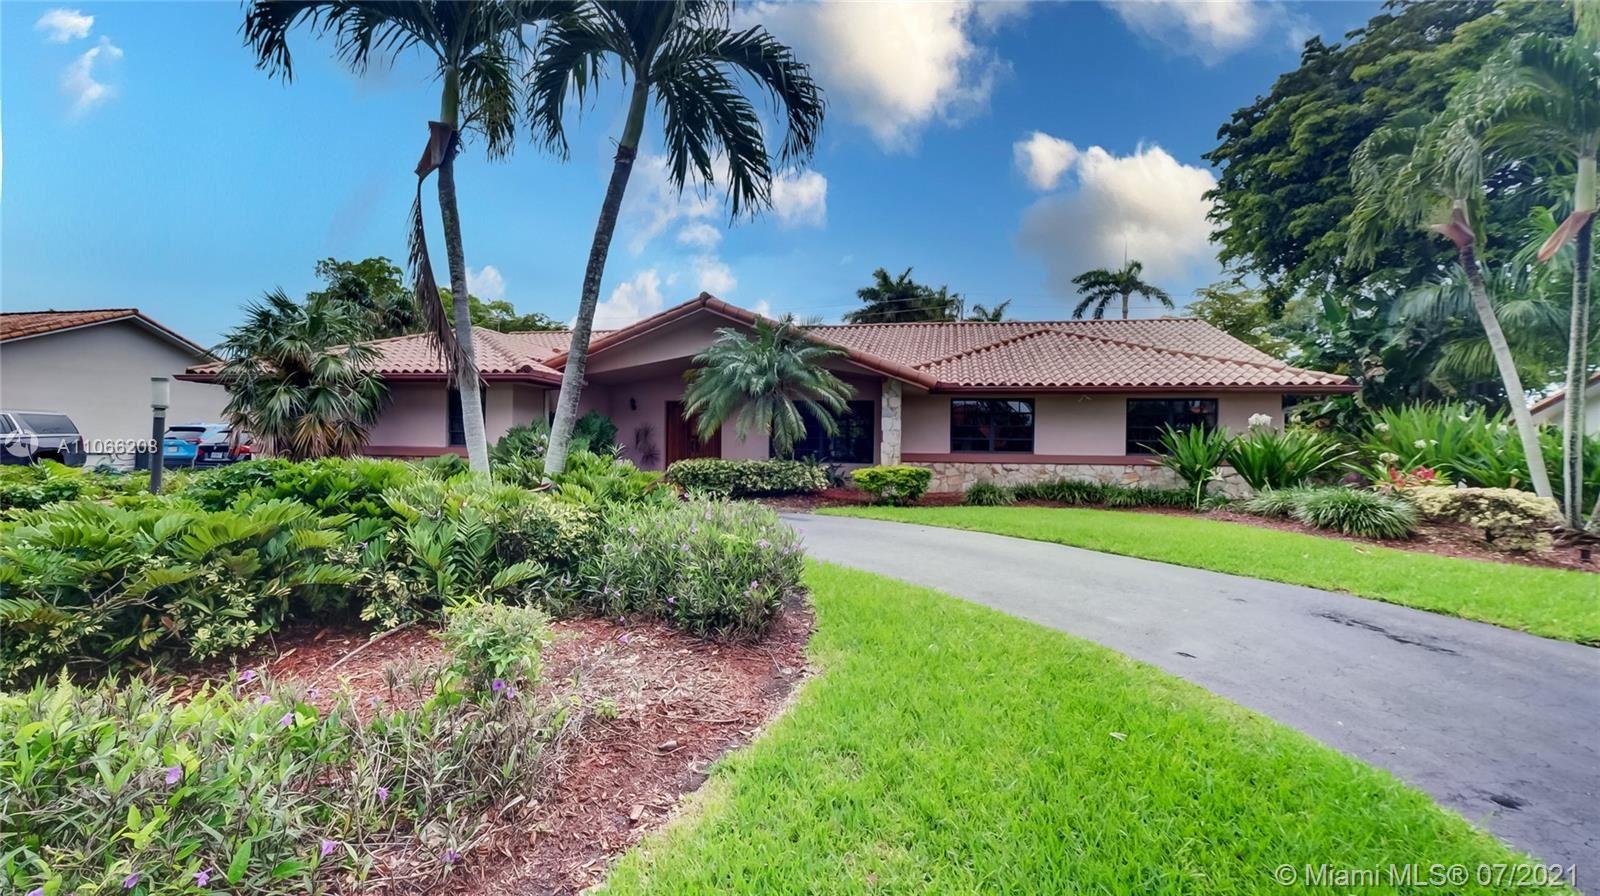 9721 SW 124th Ct, Miami, FL 33186 - #: A11066208